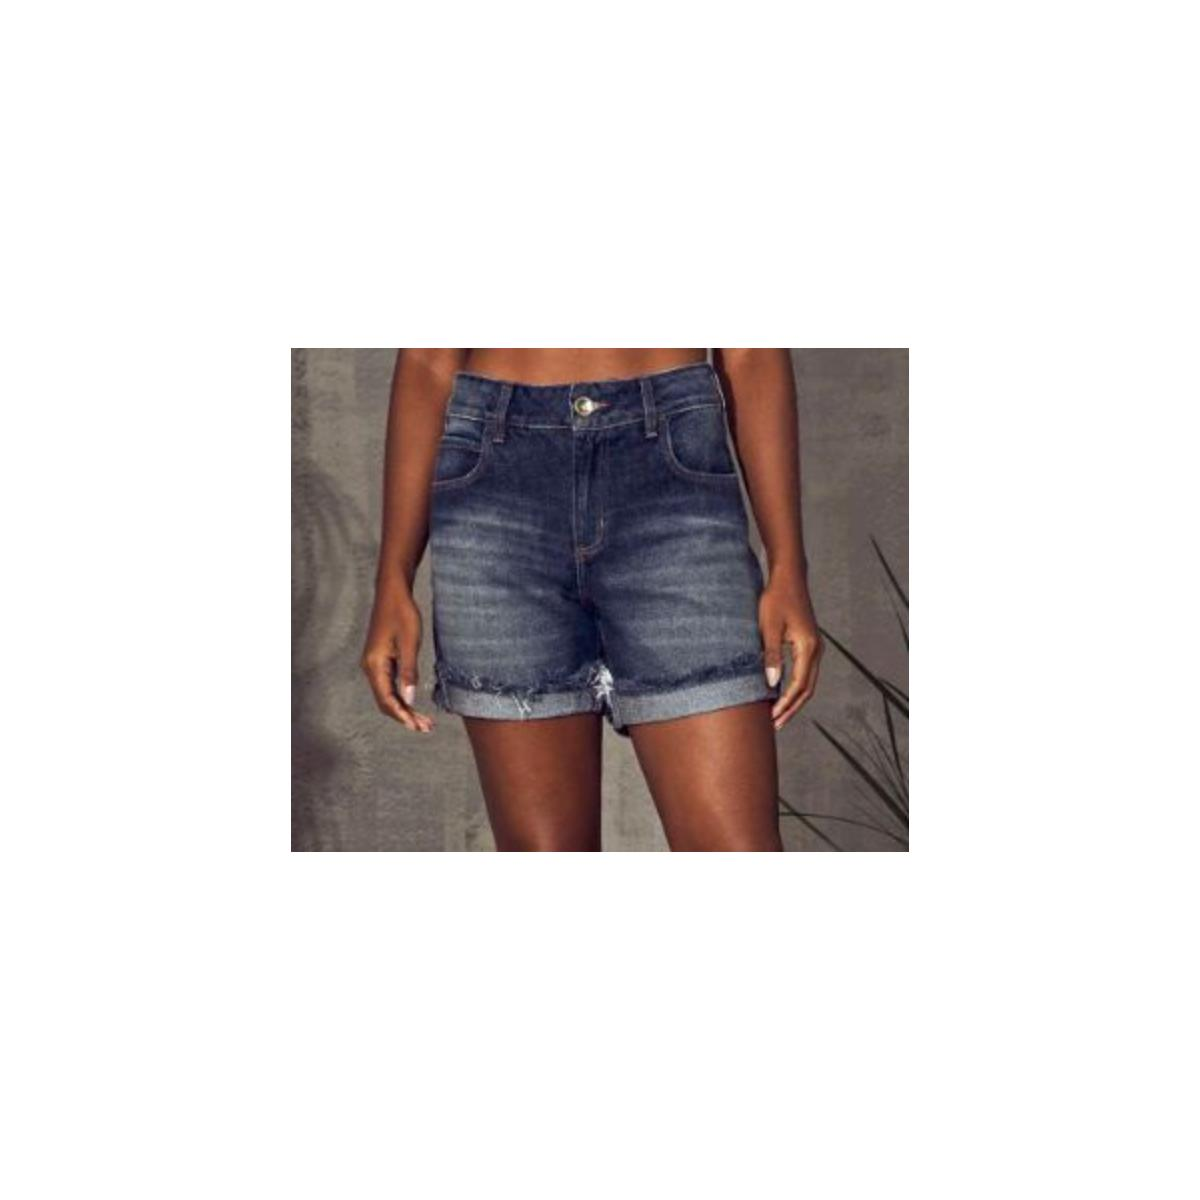 Bermuda Feminina Colcci 40102069 600 Jeans